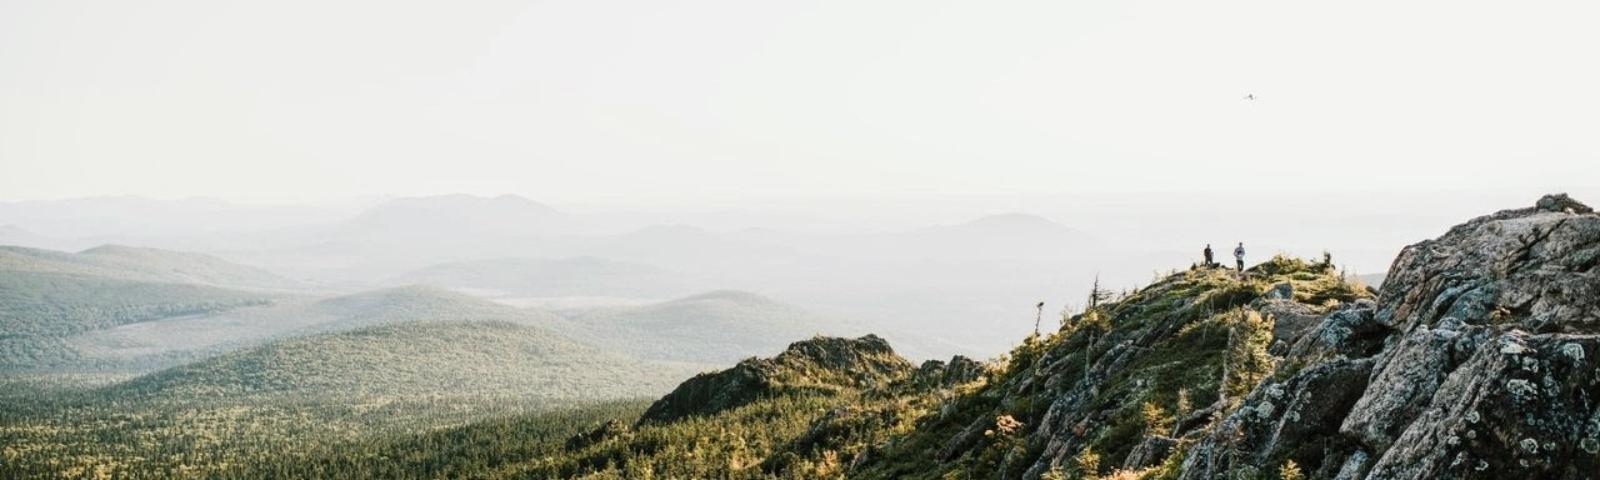 Mount carleton 6 medium1